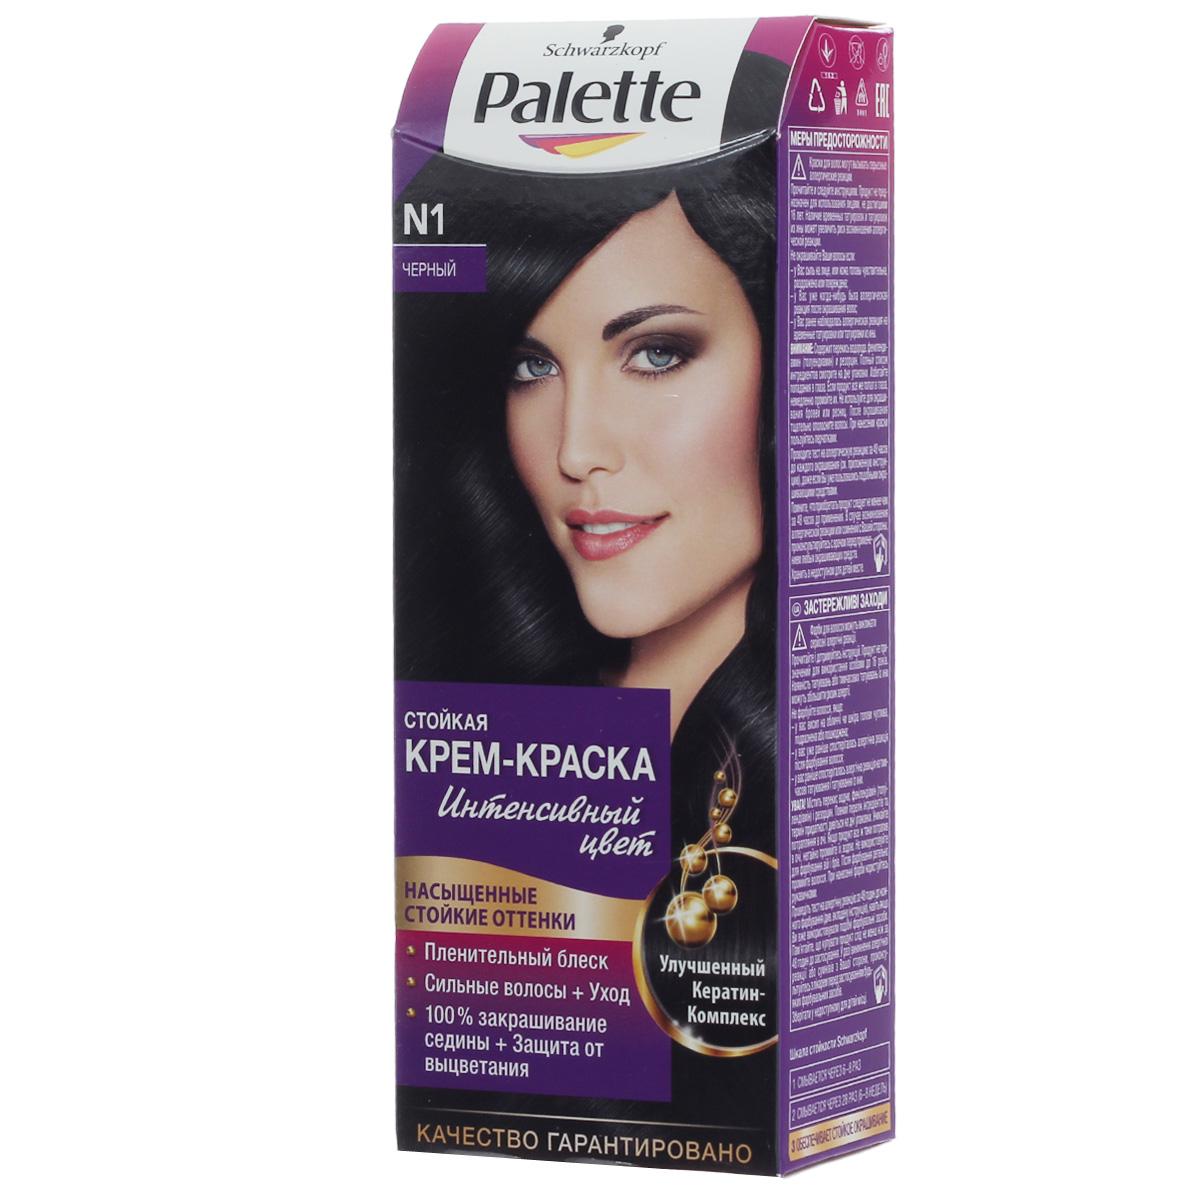 Palette ICC Крем-краска оттенок N1 Чёрный, 100 мл935010Откройте для себя стойкую крем-краску Palette Intensive Color с формулой, обогащенной кератином для стойкого интенсивного цвета и сияющего блеска.Формула окрашивающего крема с Кератин-Комплексом оказывает ухаживающее воздействие в процессе окрашивания, а интенсивные цветовые пигменты глубоко проникают в структуру волос для невероятного сияющего цвета. Процесс окрашивания оставит ощущение мягкости и гладкости волос, а новая формула надежно защитит Ваш любимый оттенок от выцветания.